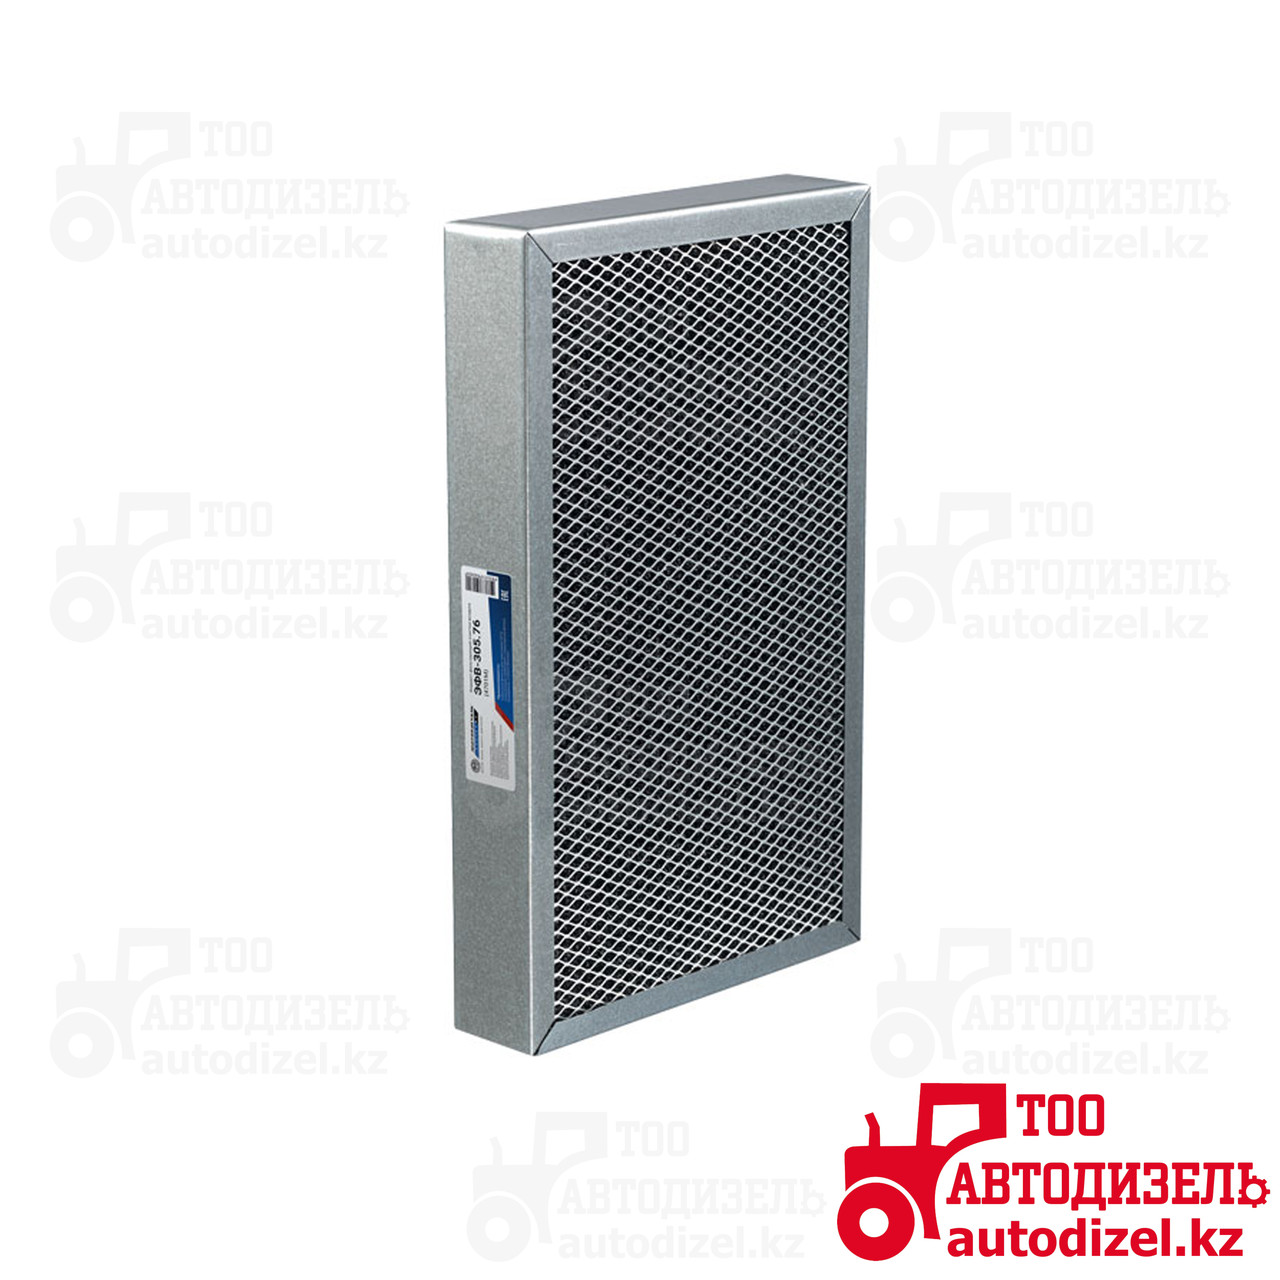 Фильтр очистки воздуха МТЗ KF-ЭФВ-305,76 (4701М) салона Кострома